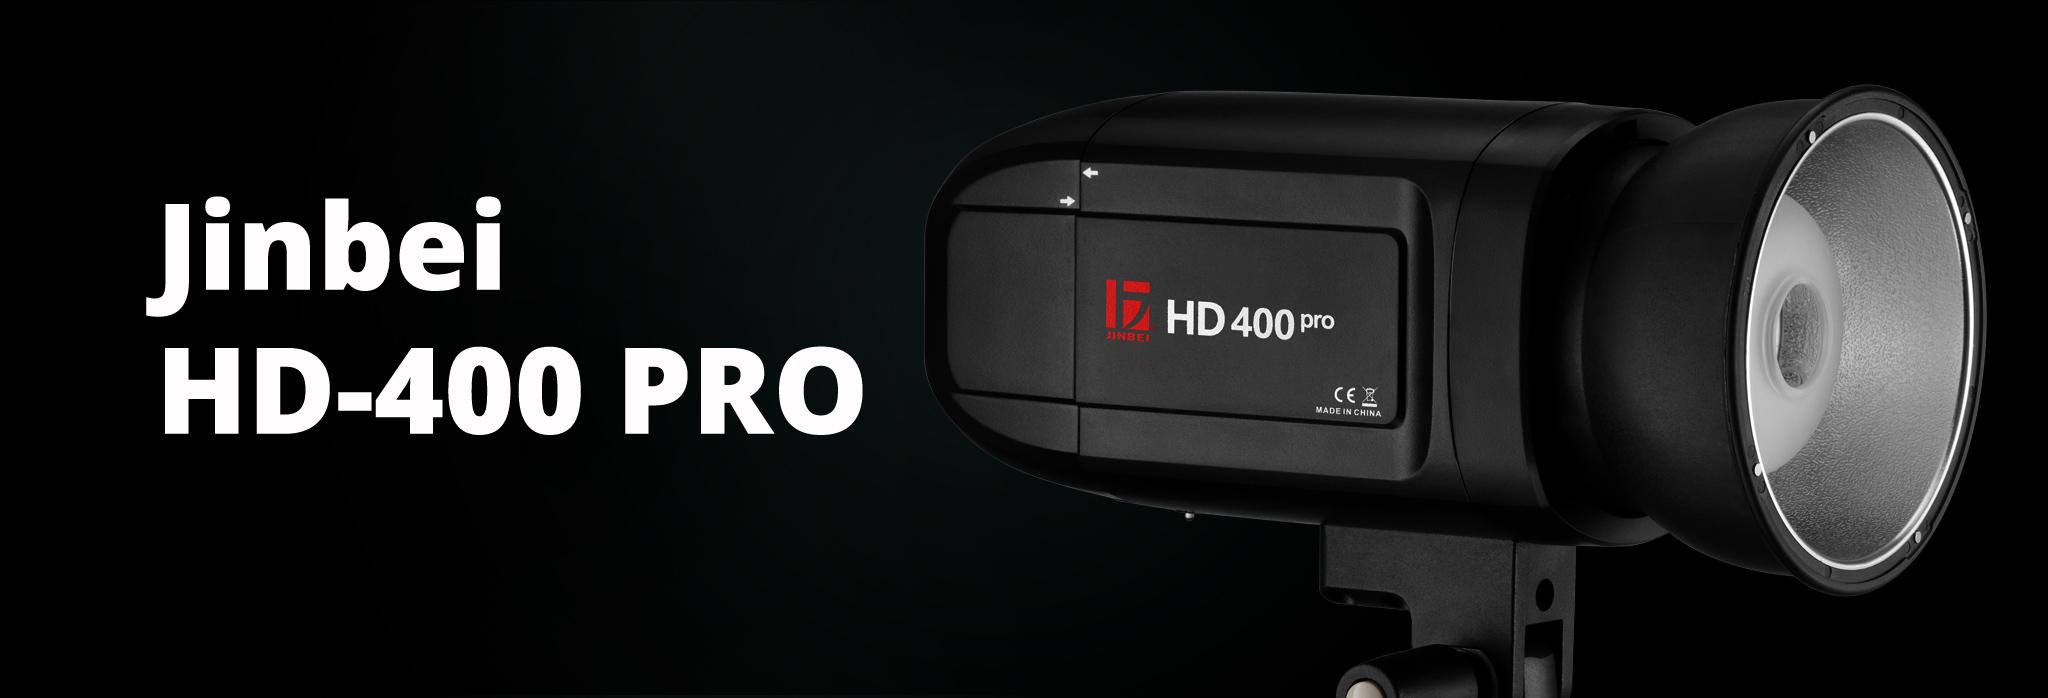 Jinbei HD-400 PRO